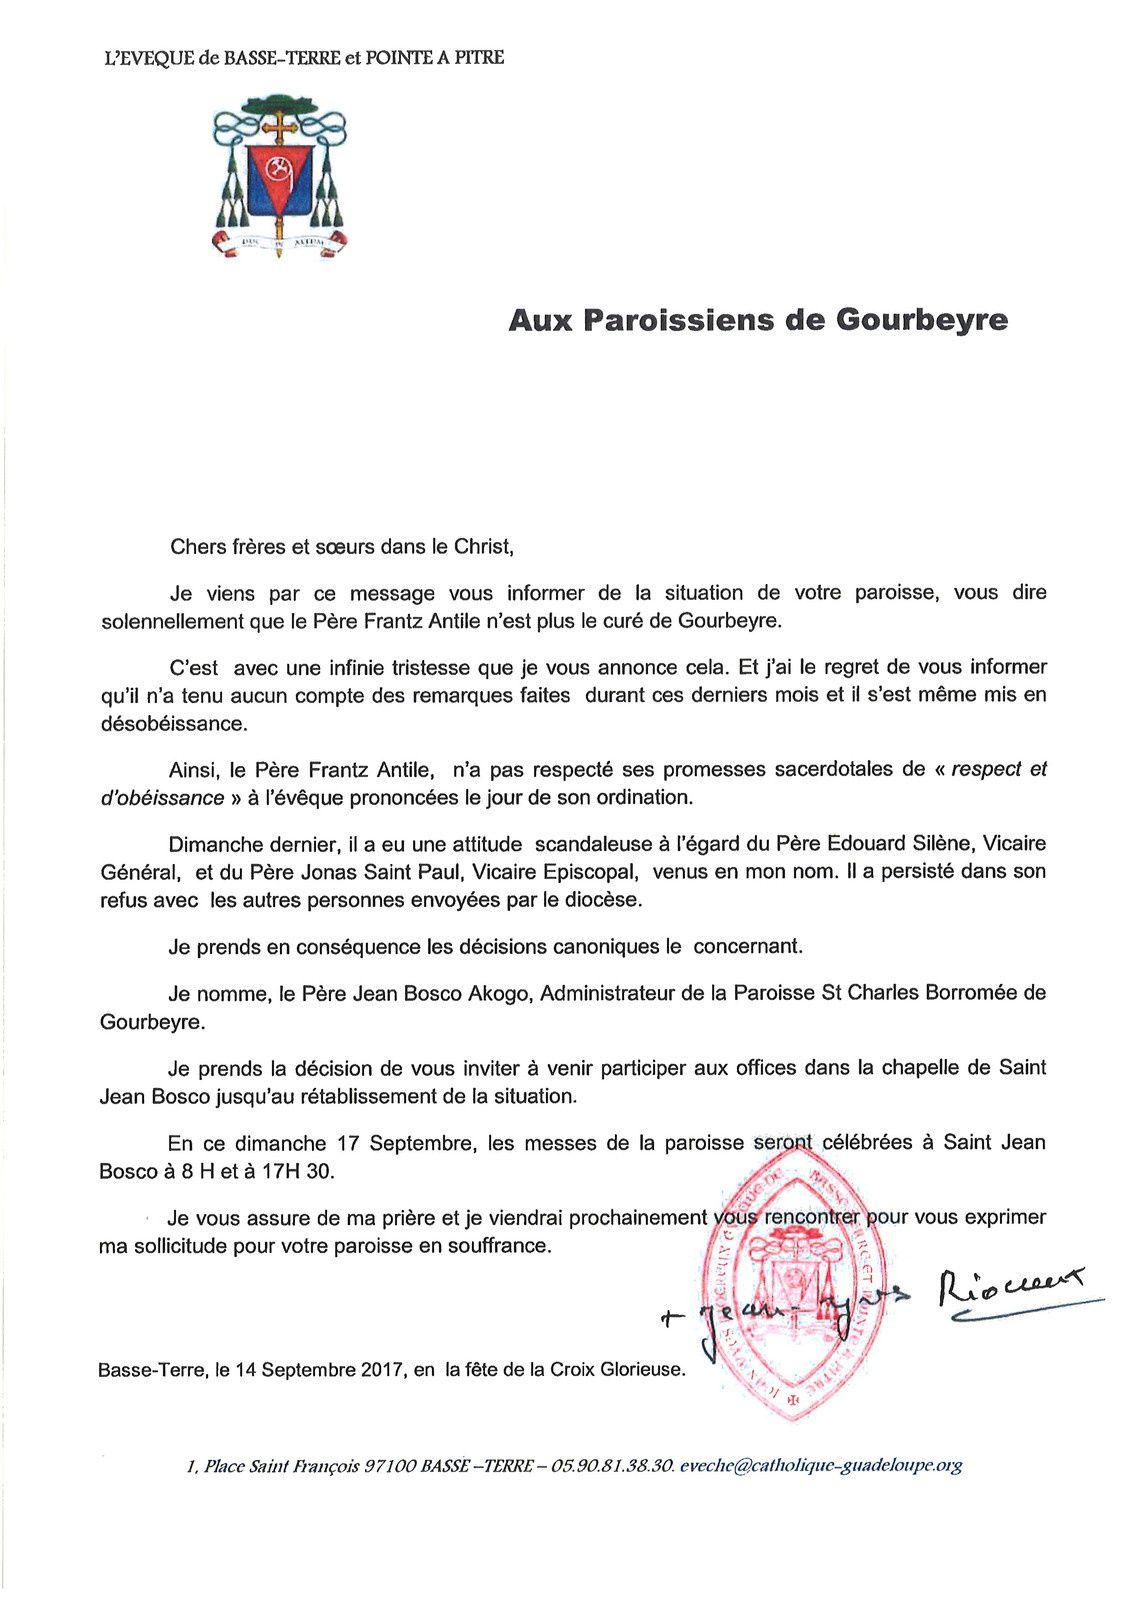 1 ) Mgr Riocreux et le père Franz Antile, lors de l'installation de ce dernier dans la paroisse de Gourbeyre, il y a quelques années. 2 ) La lettre de Mgr Riocreux aux paroissiens de Gourbeyre, parue dans Eglise en Guadeloupe.